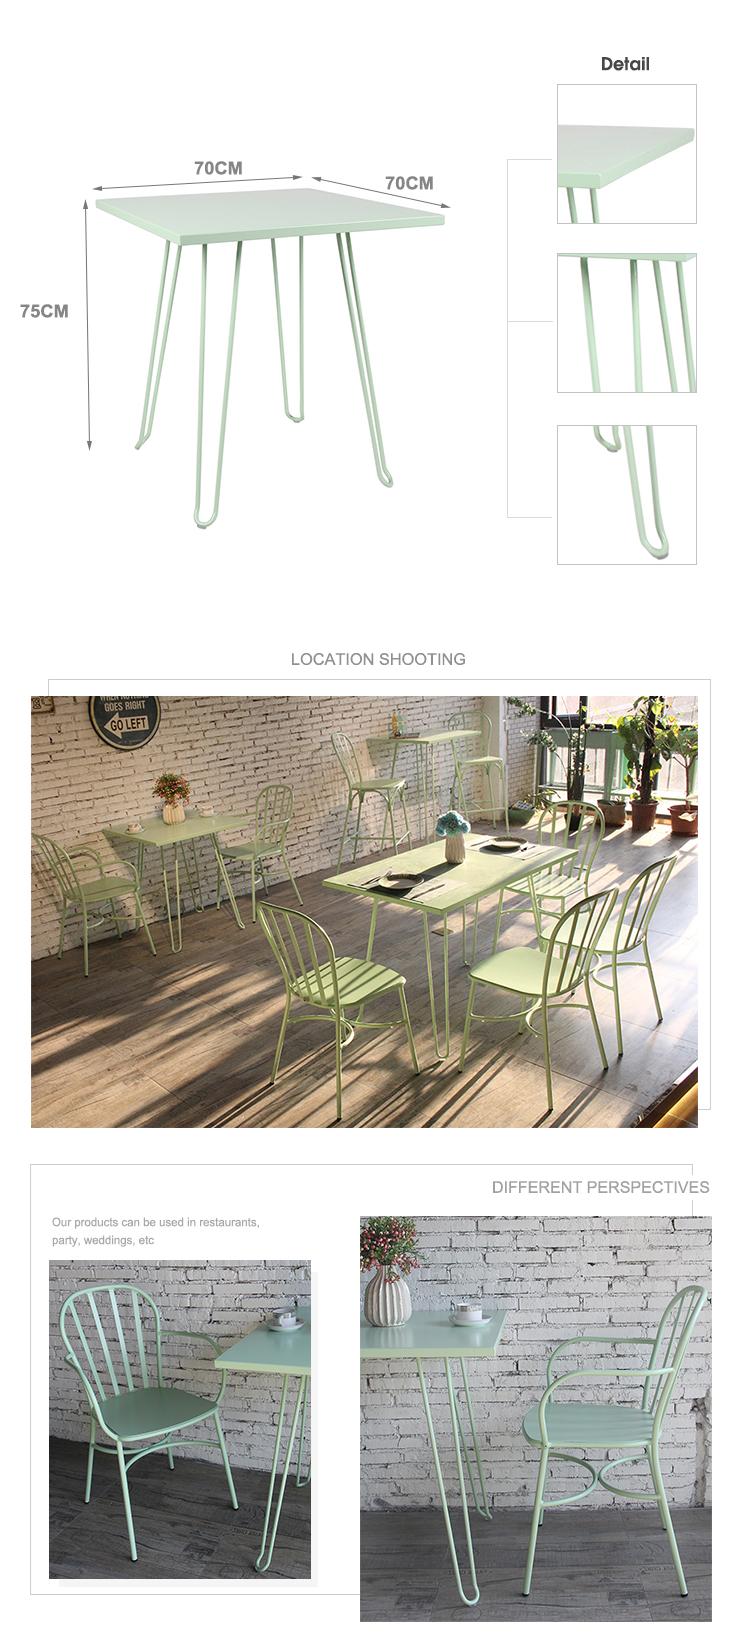 تخصيص مطعم الشمال الألومنيوم مطعم القهوة 4 مقاعد طاولة مربعة 735DT-ALU-SQ70 (2)